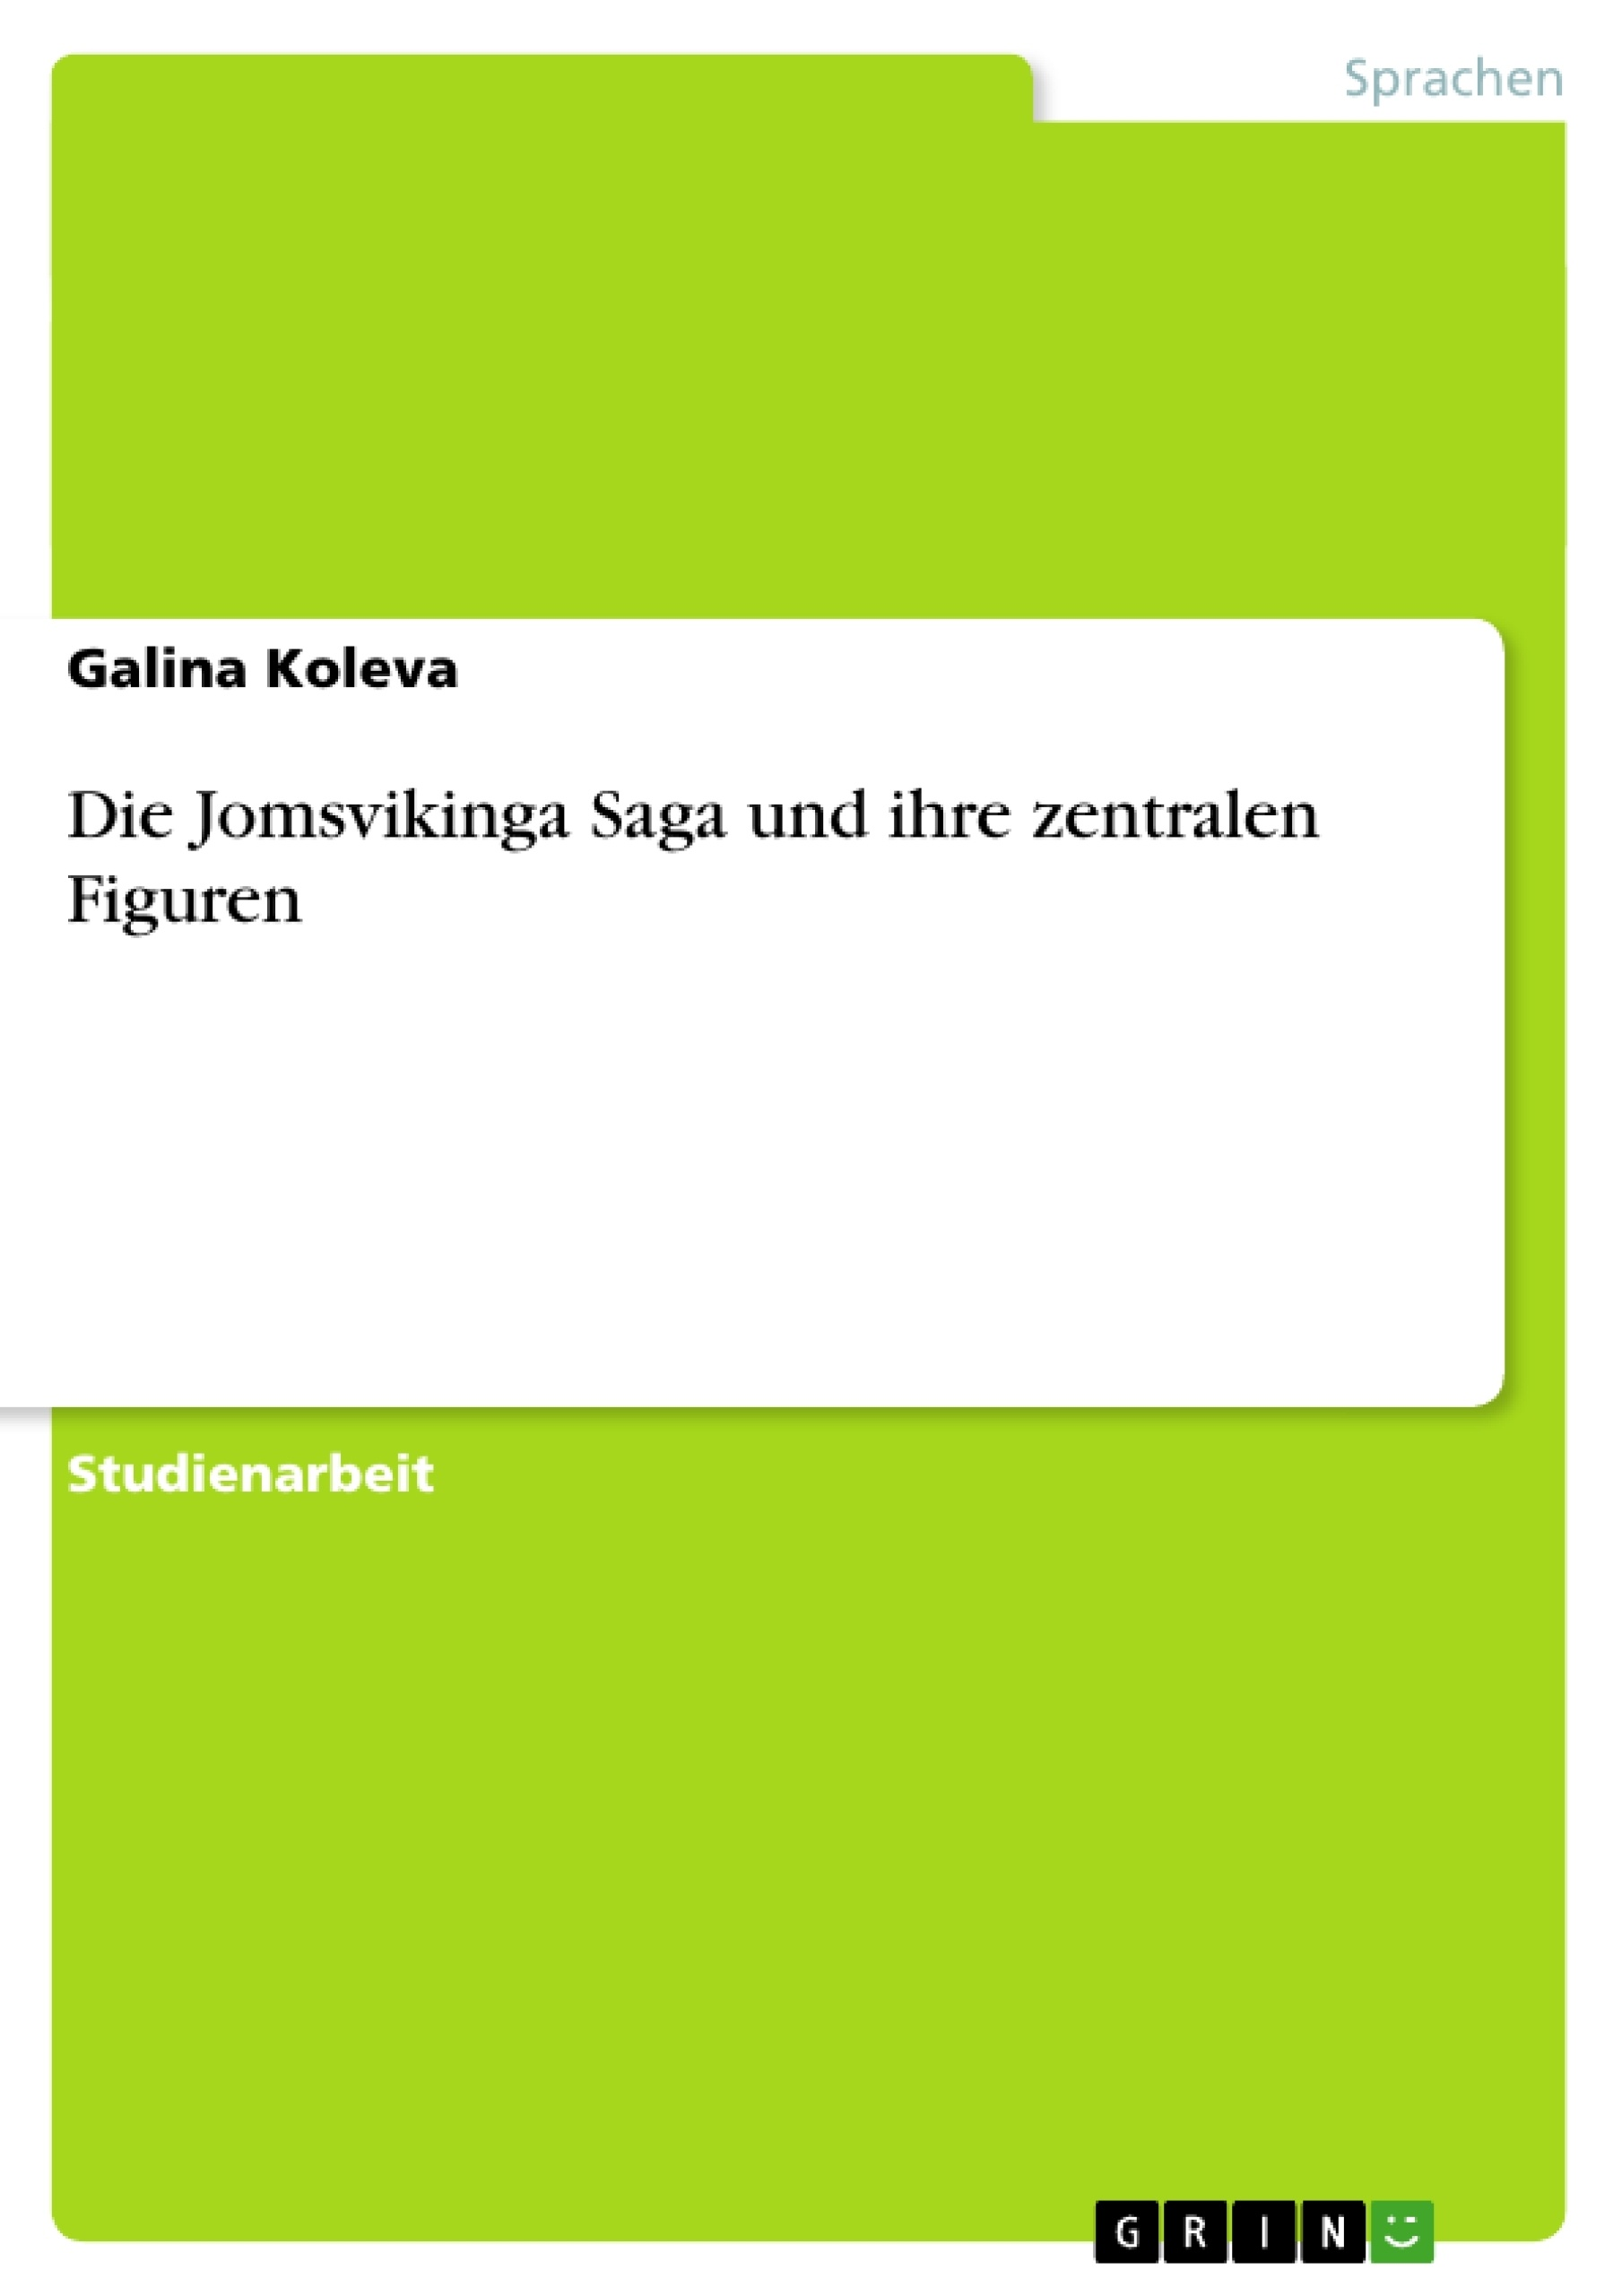 Titel: Die Jomsvikinga Saga und ihre zentralen Figuren